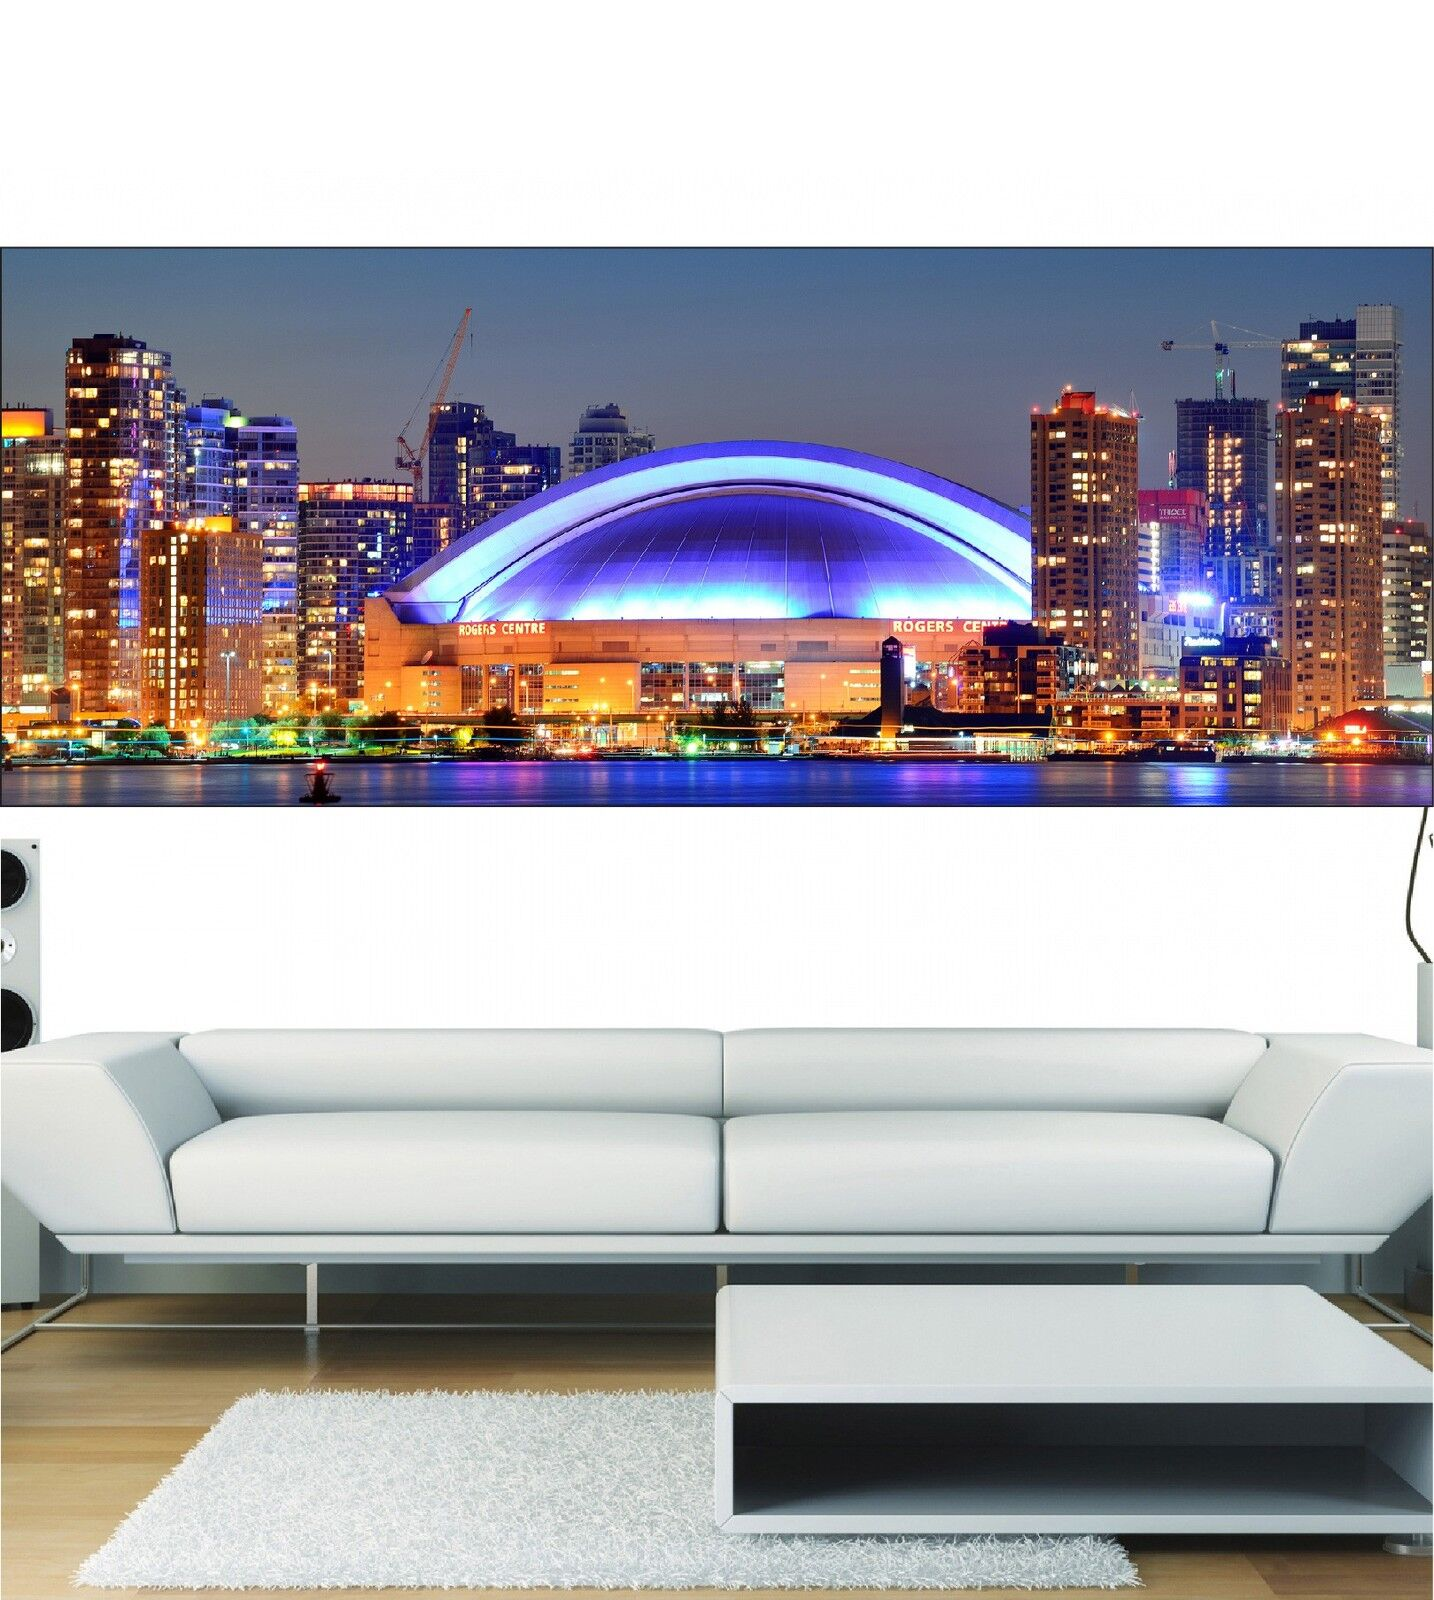 Papel pintado panorámica Centro comercial & building 3696 Arte decoración